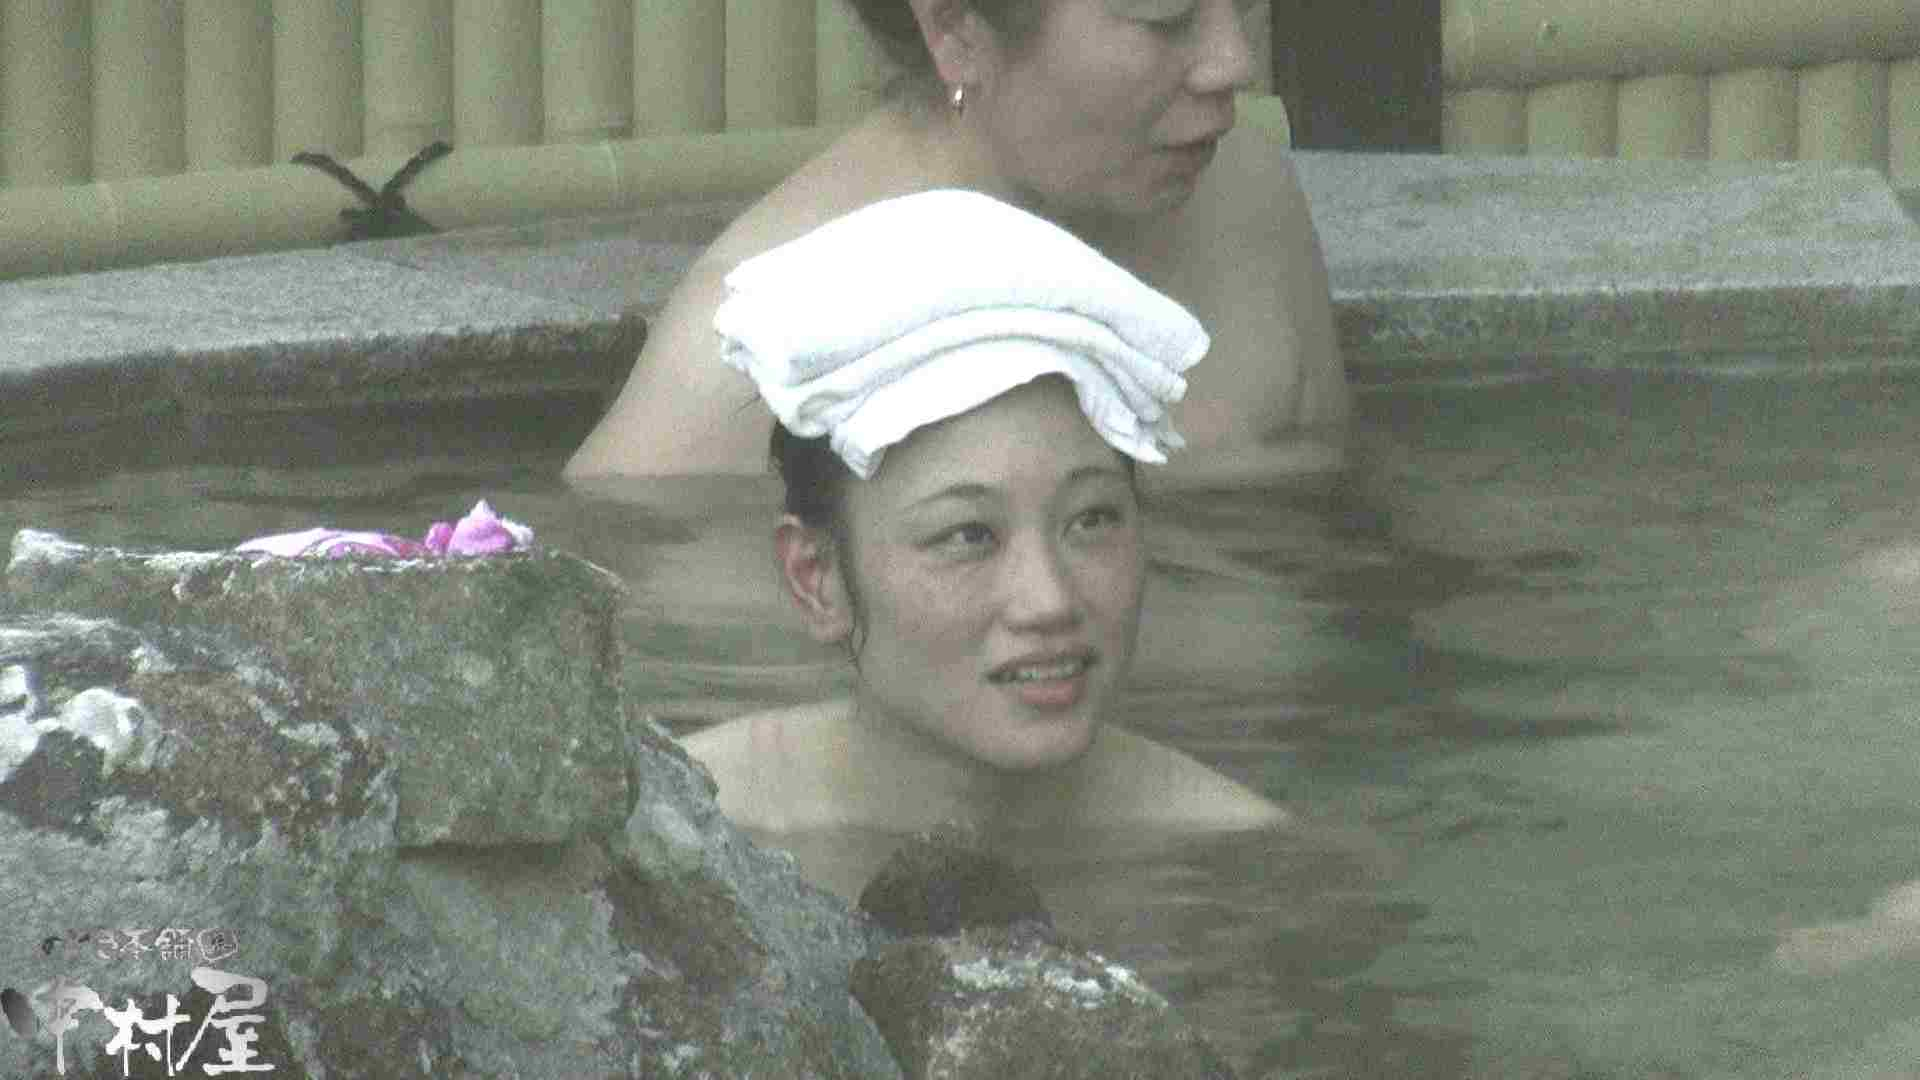 Aquaな露天風呂Vol.914 露天 | 盗撮  98pic 28